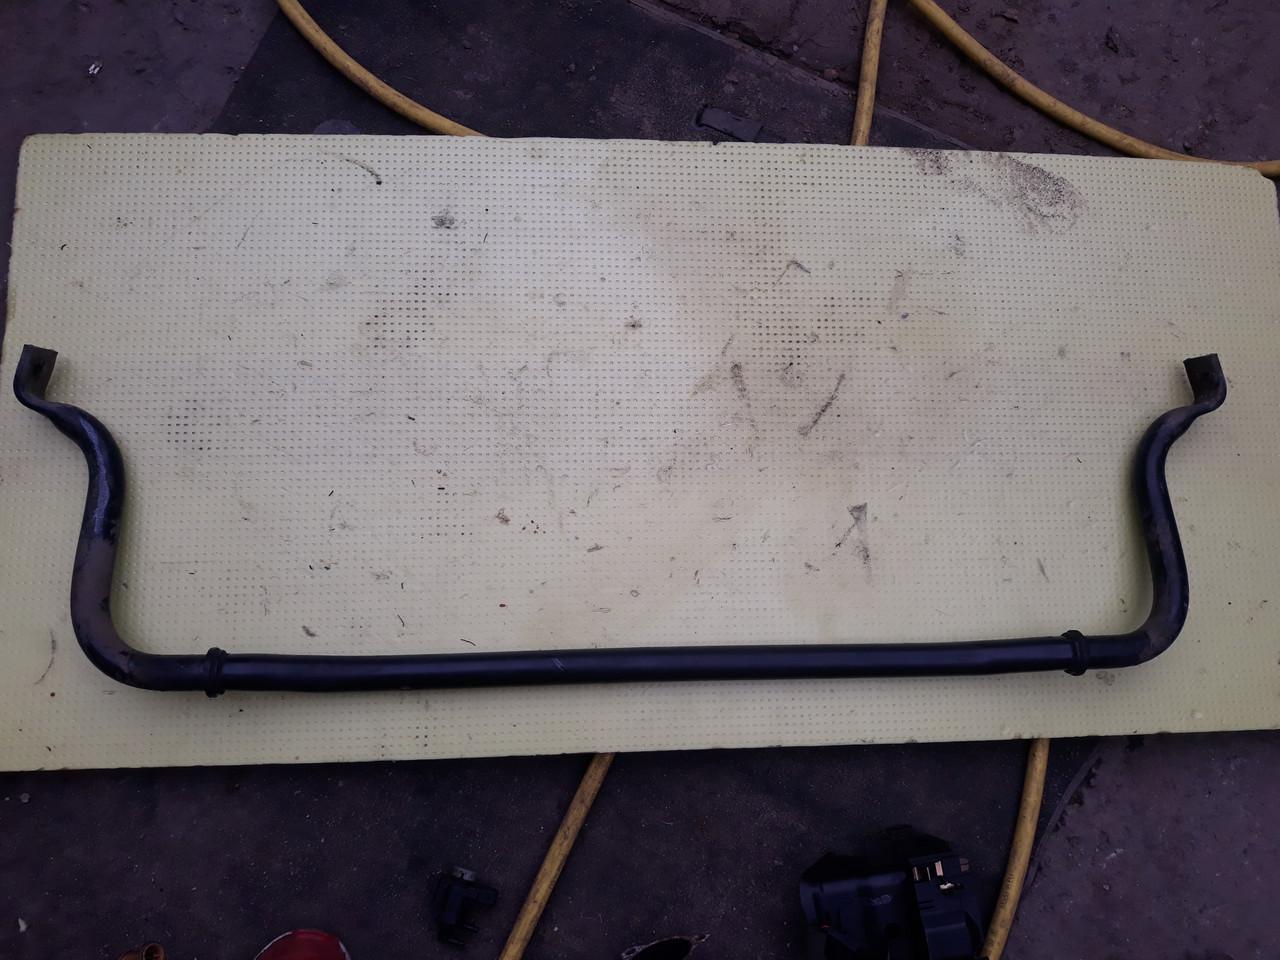 стабилизатор передний ауди а6 с5 audi a6 c5 синяя метка